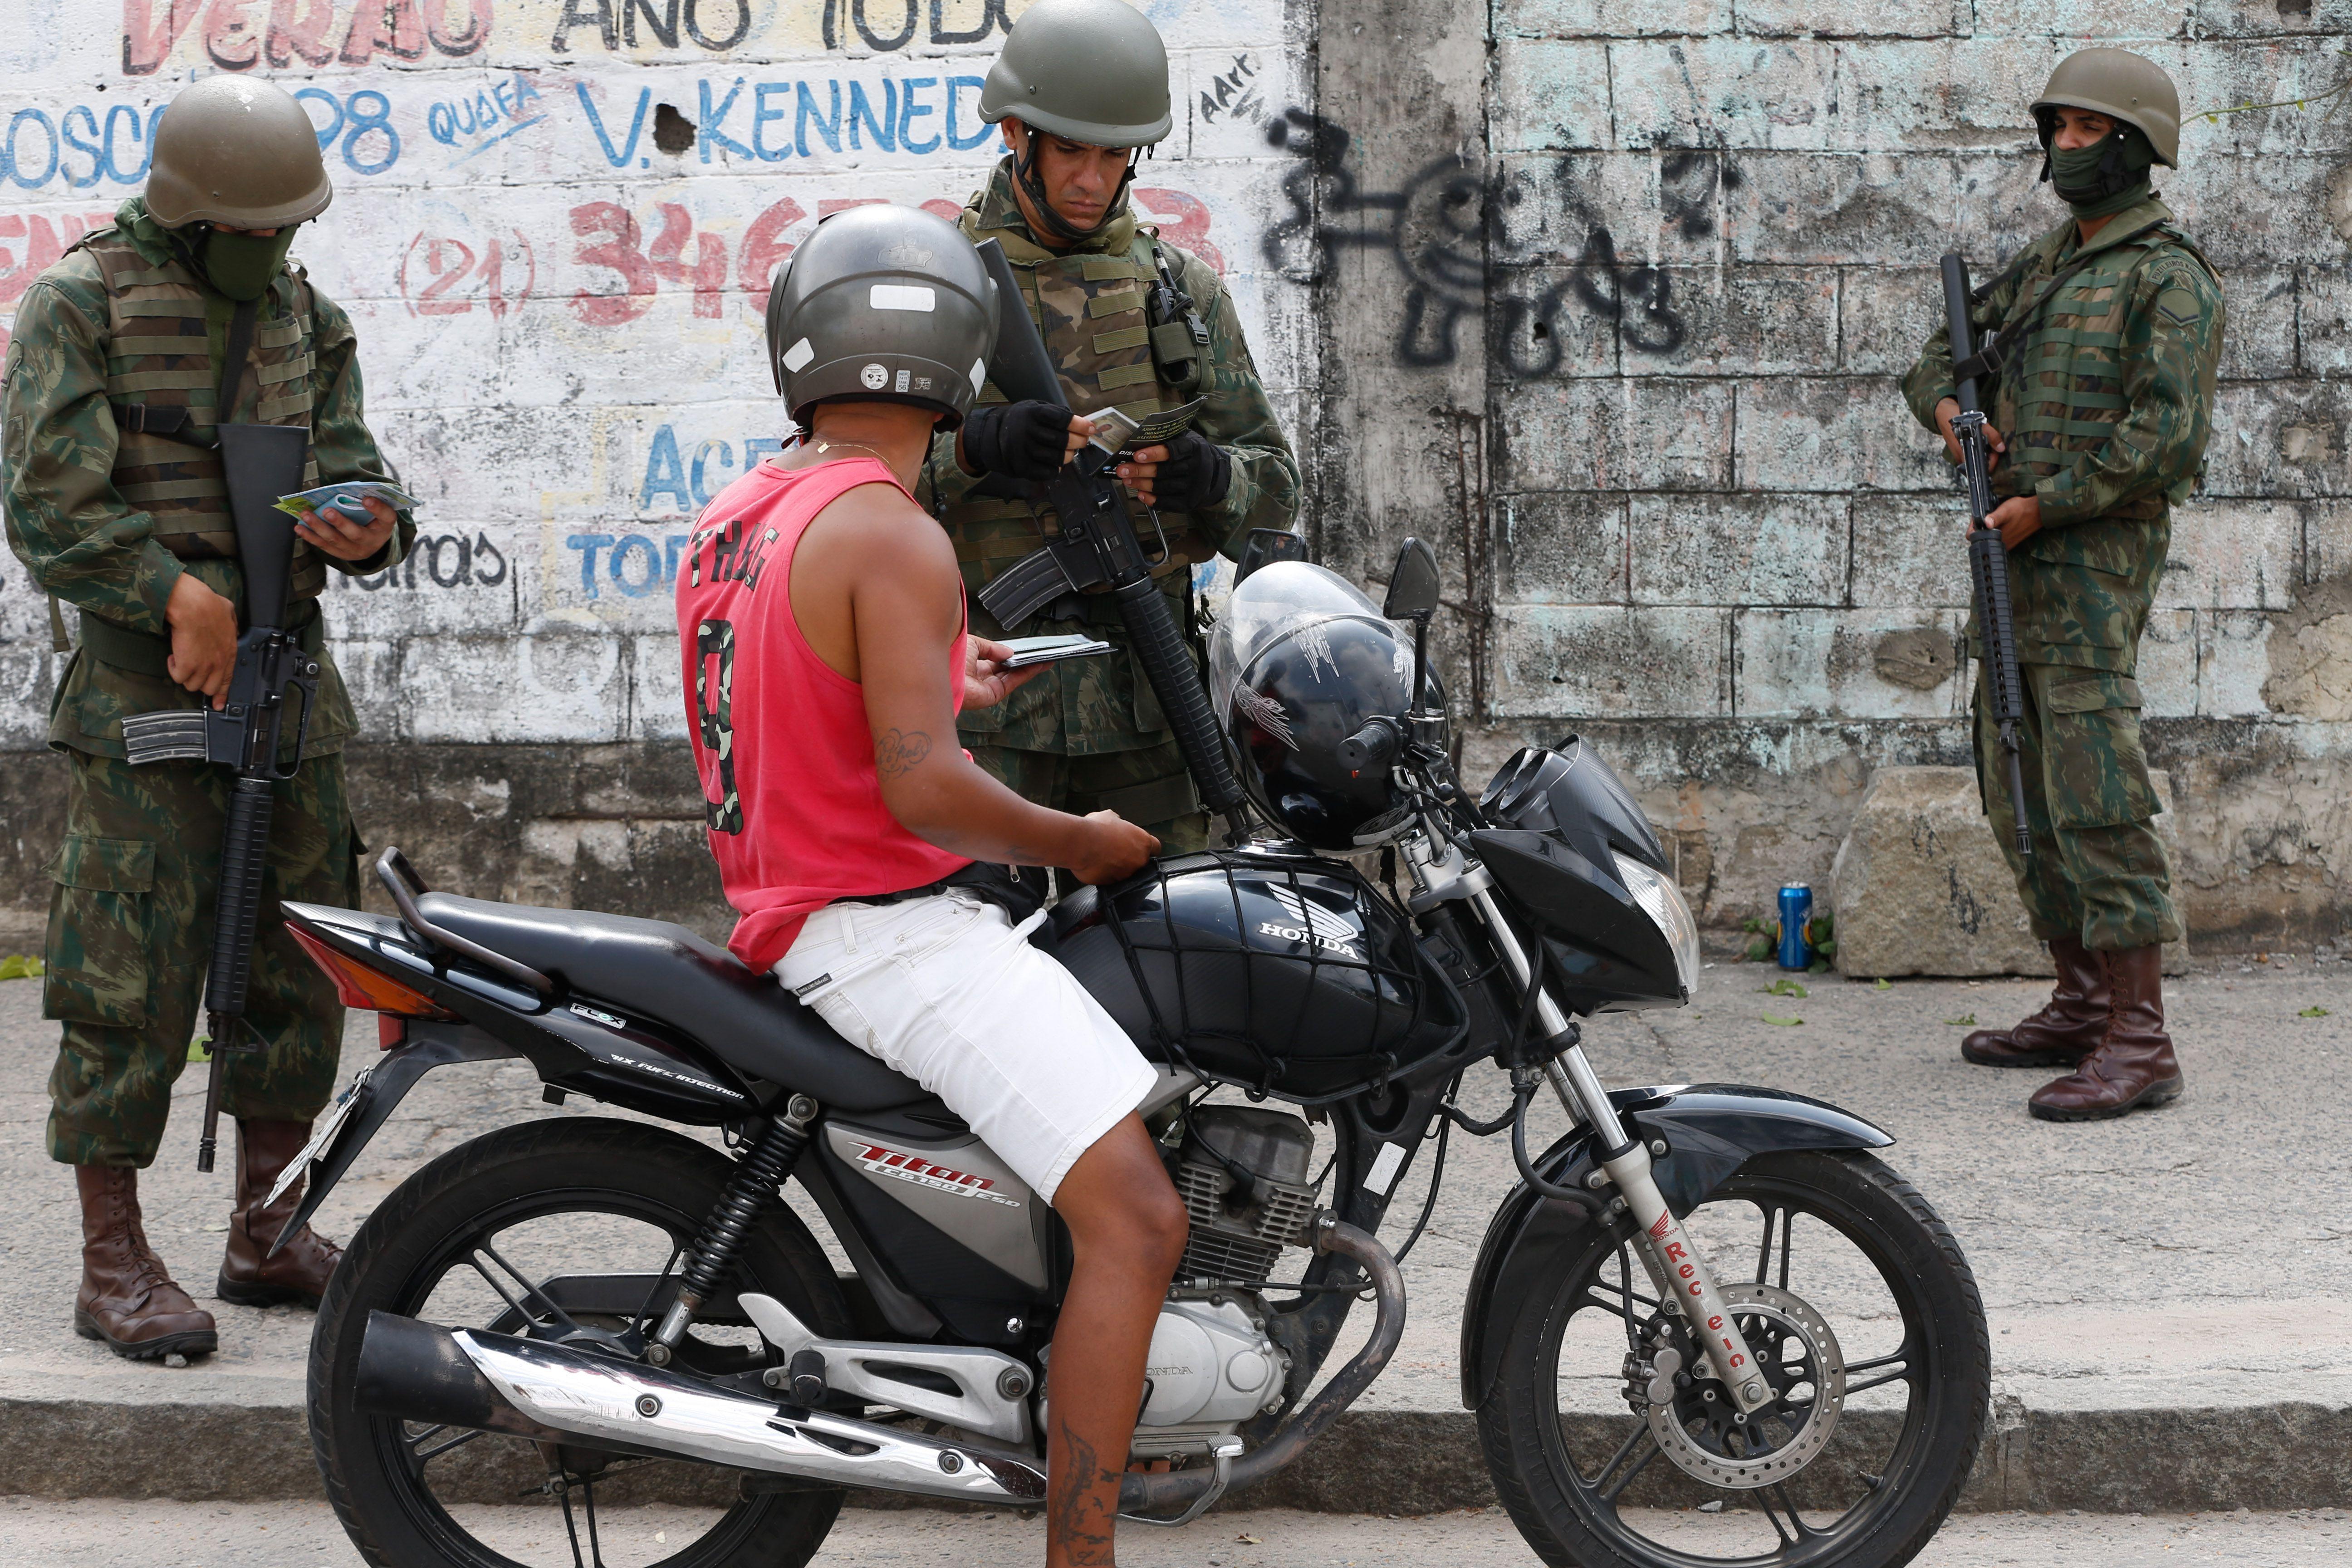 Segurança - geral - intervenção federal Rio de Janeiro Exército favelas